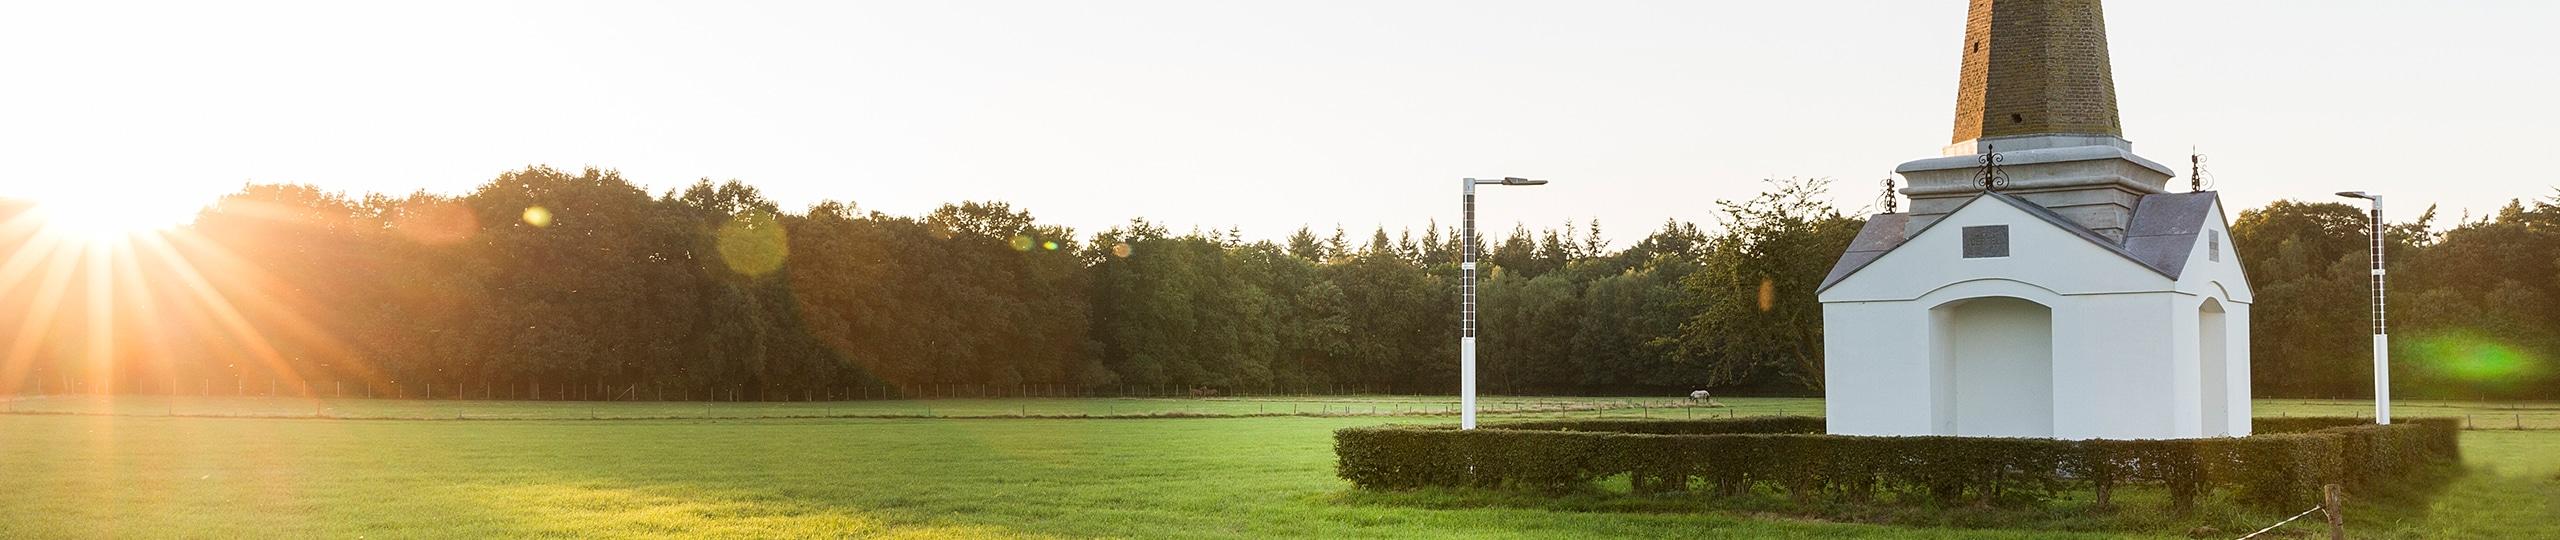 FlexSol Soluxio publieke verlichting solar lichtmast - lantaarnpaal op zonne-energie tijdens zonsondergang nabij monument